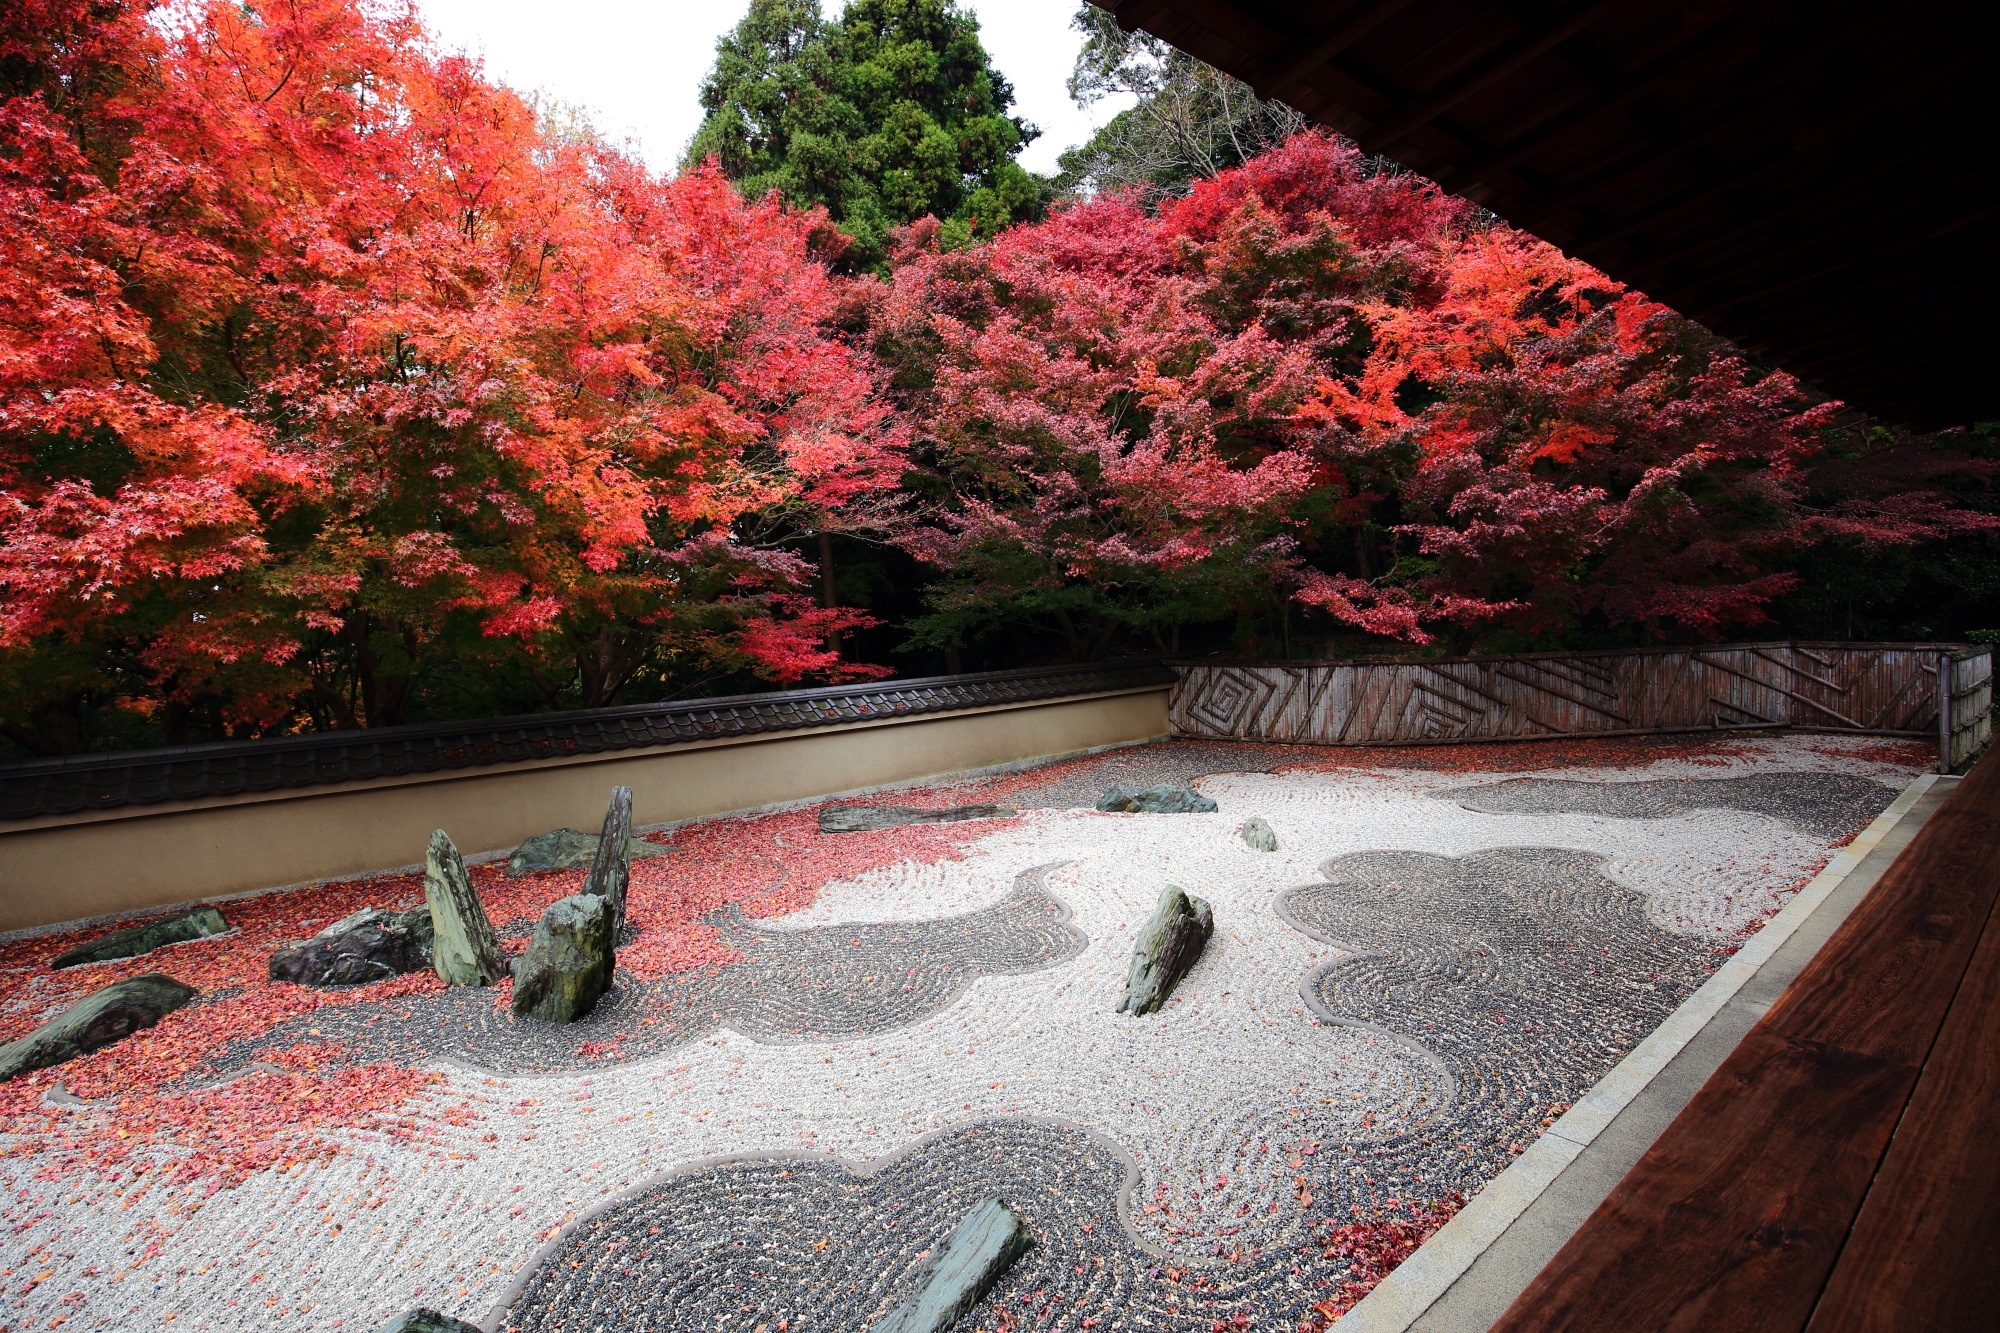 美しい紅葉につつまれた東福寺塔頭の龍吟庵の枯山水の西庭(龍の庭)